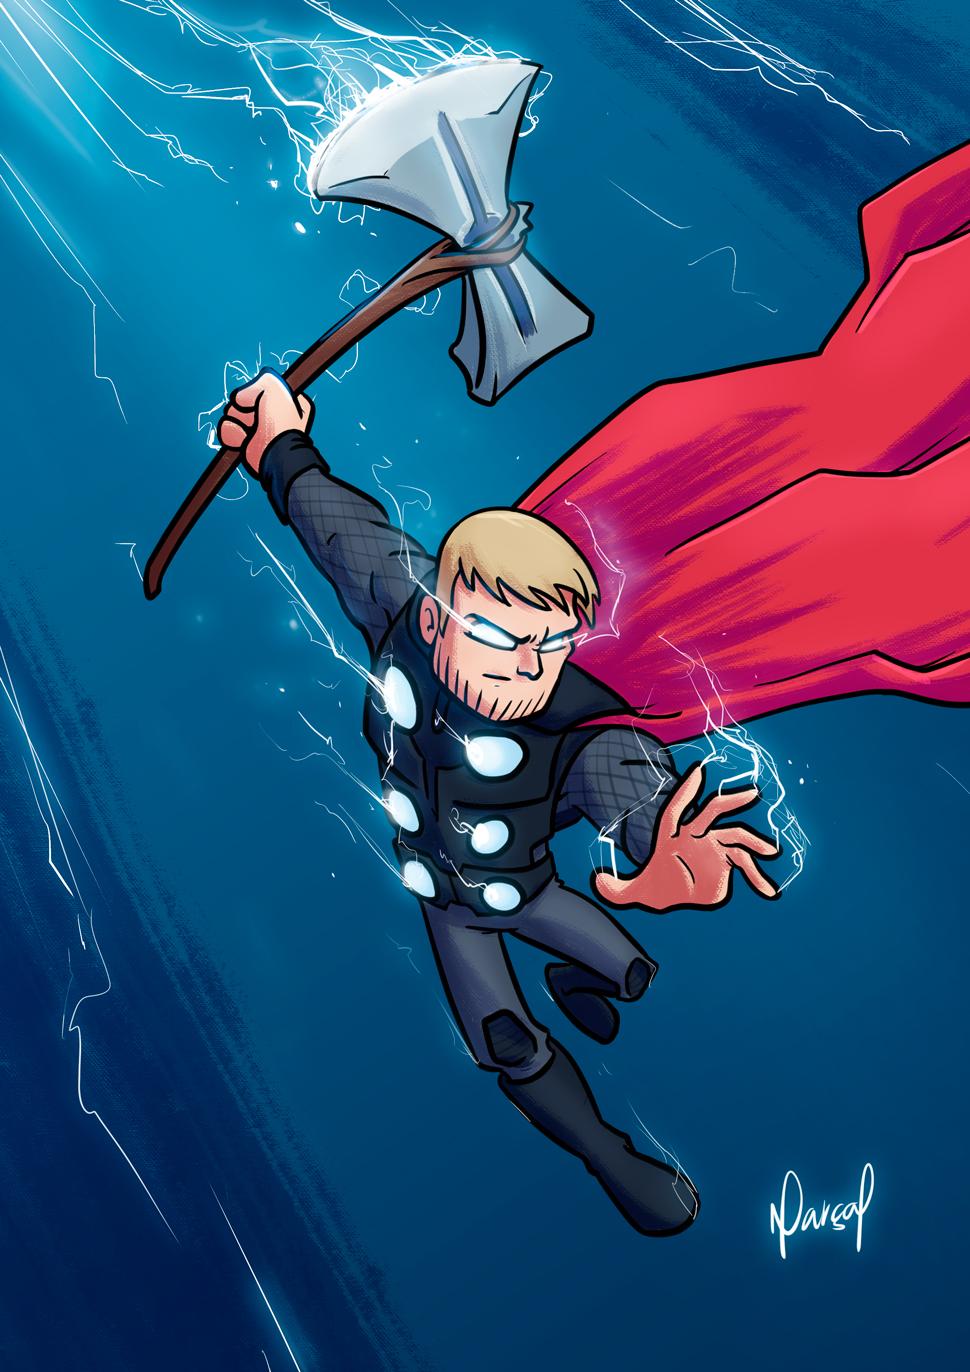 Ilustração: Thor | vingadores, thor, marvel, infinity war, Ilustração, guerra infinita, avengers